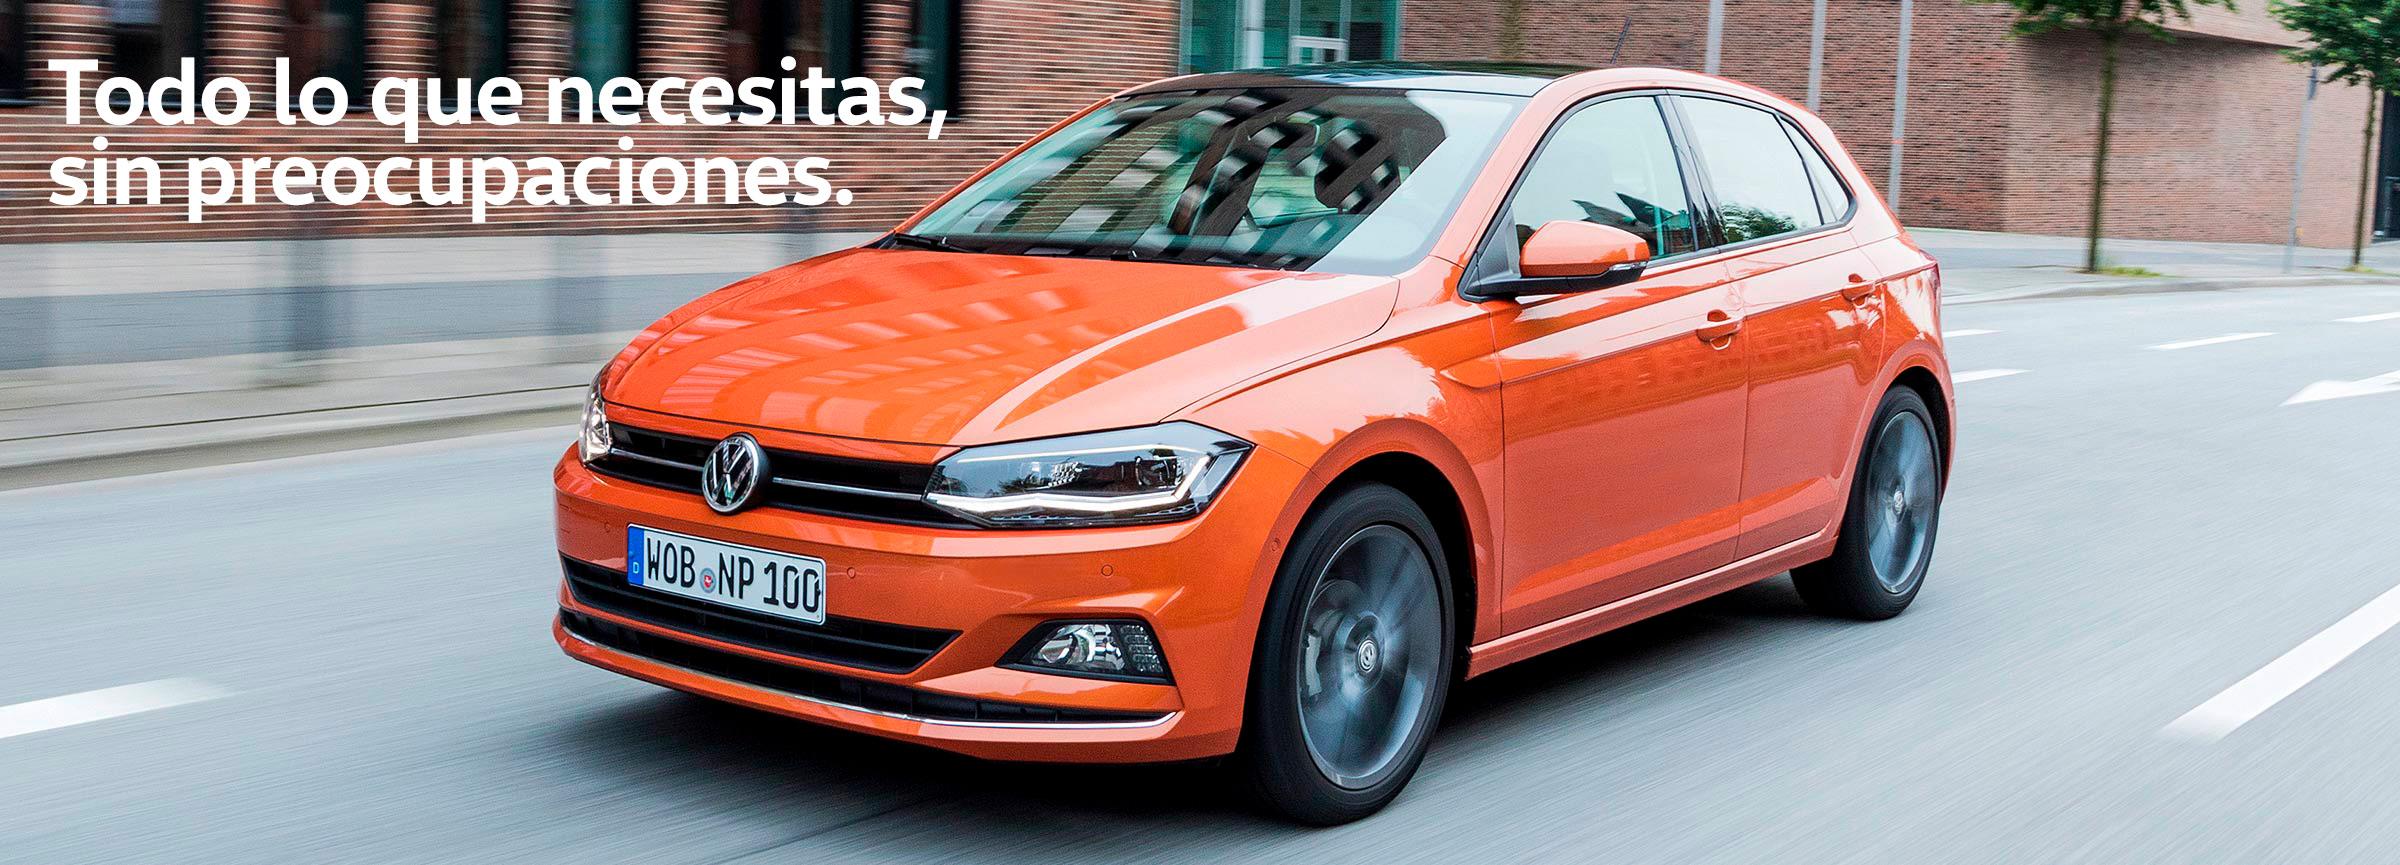 Descubre el Volkswagen Polo con my renting en Sartopina